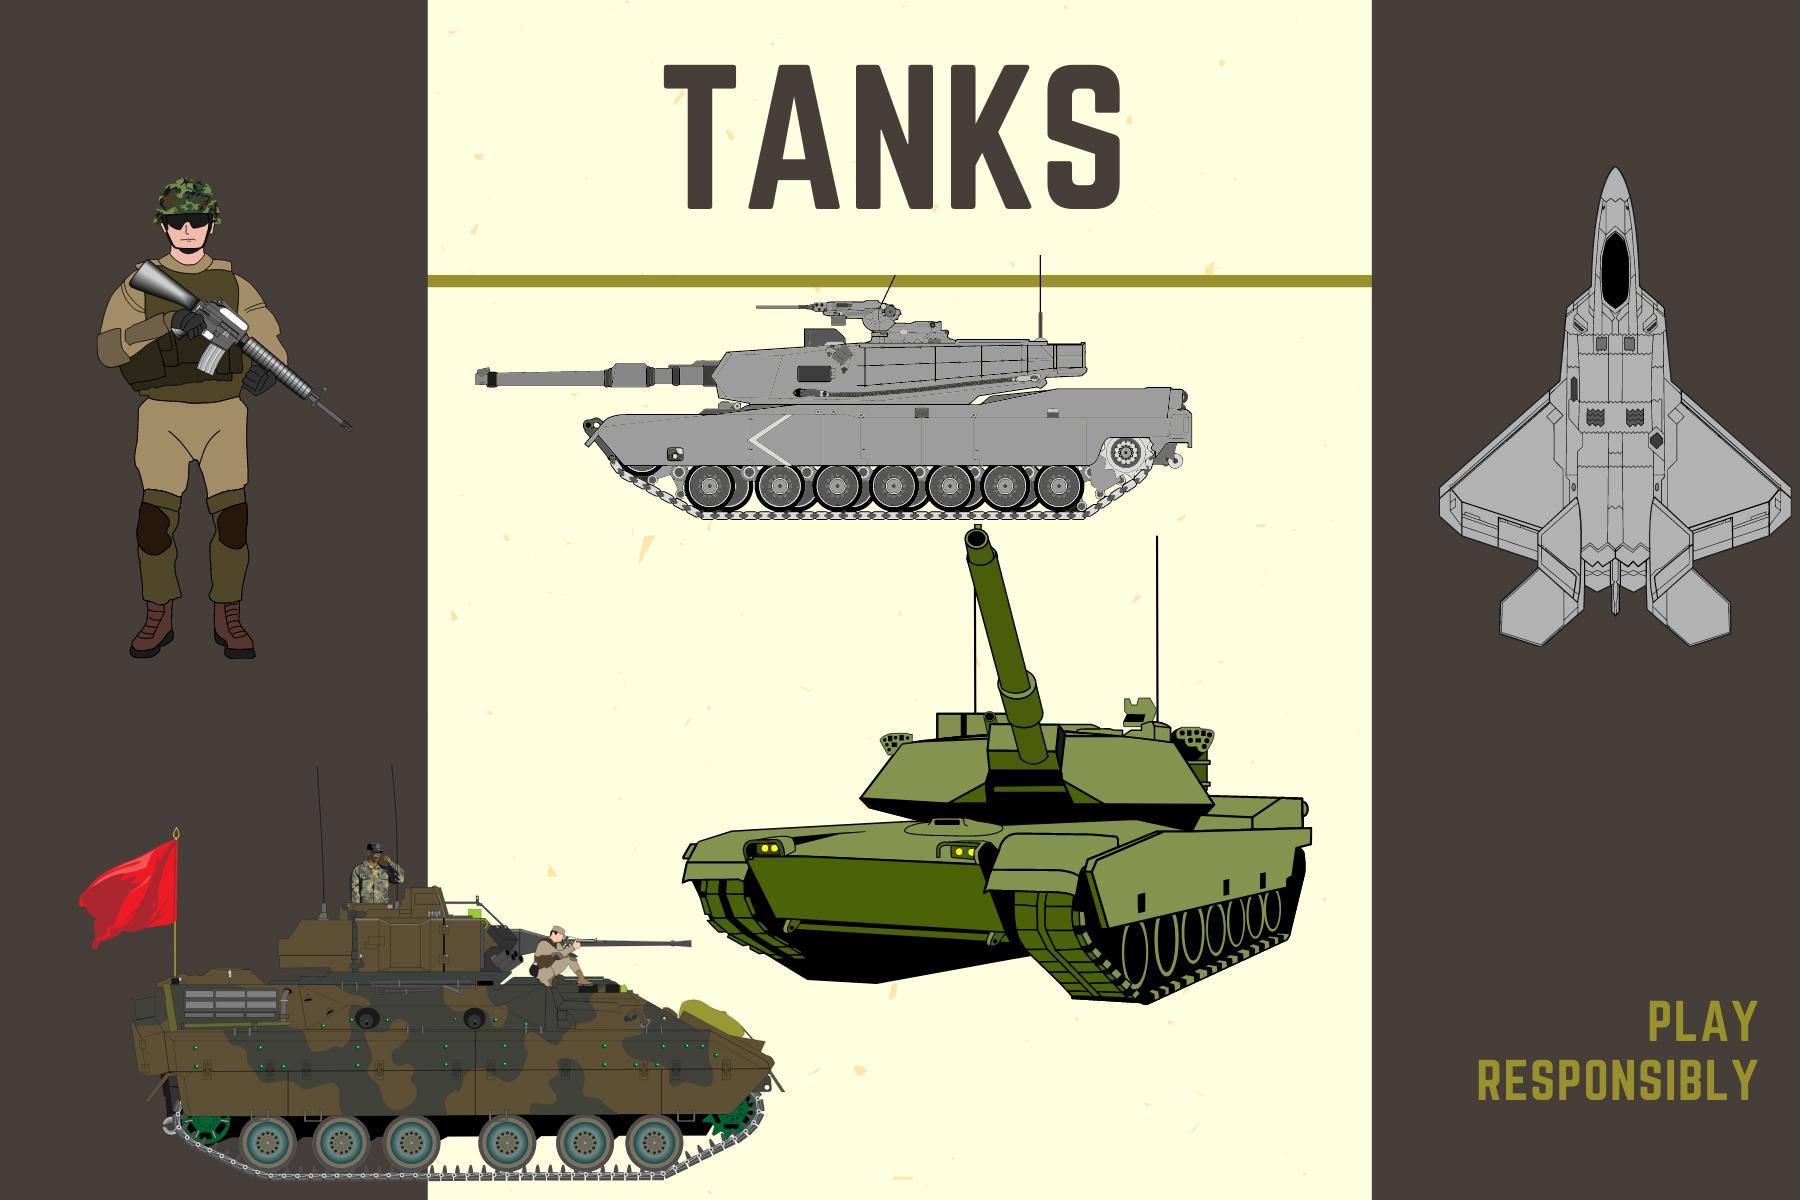 Tanks vs. Inimigos